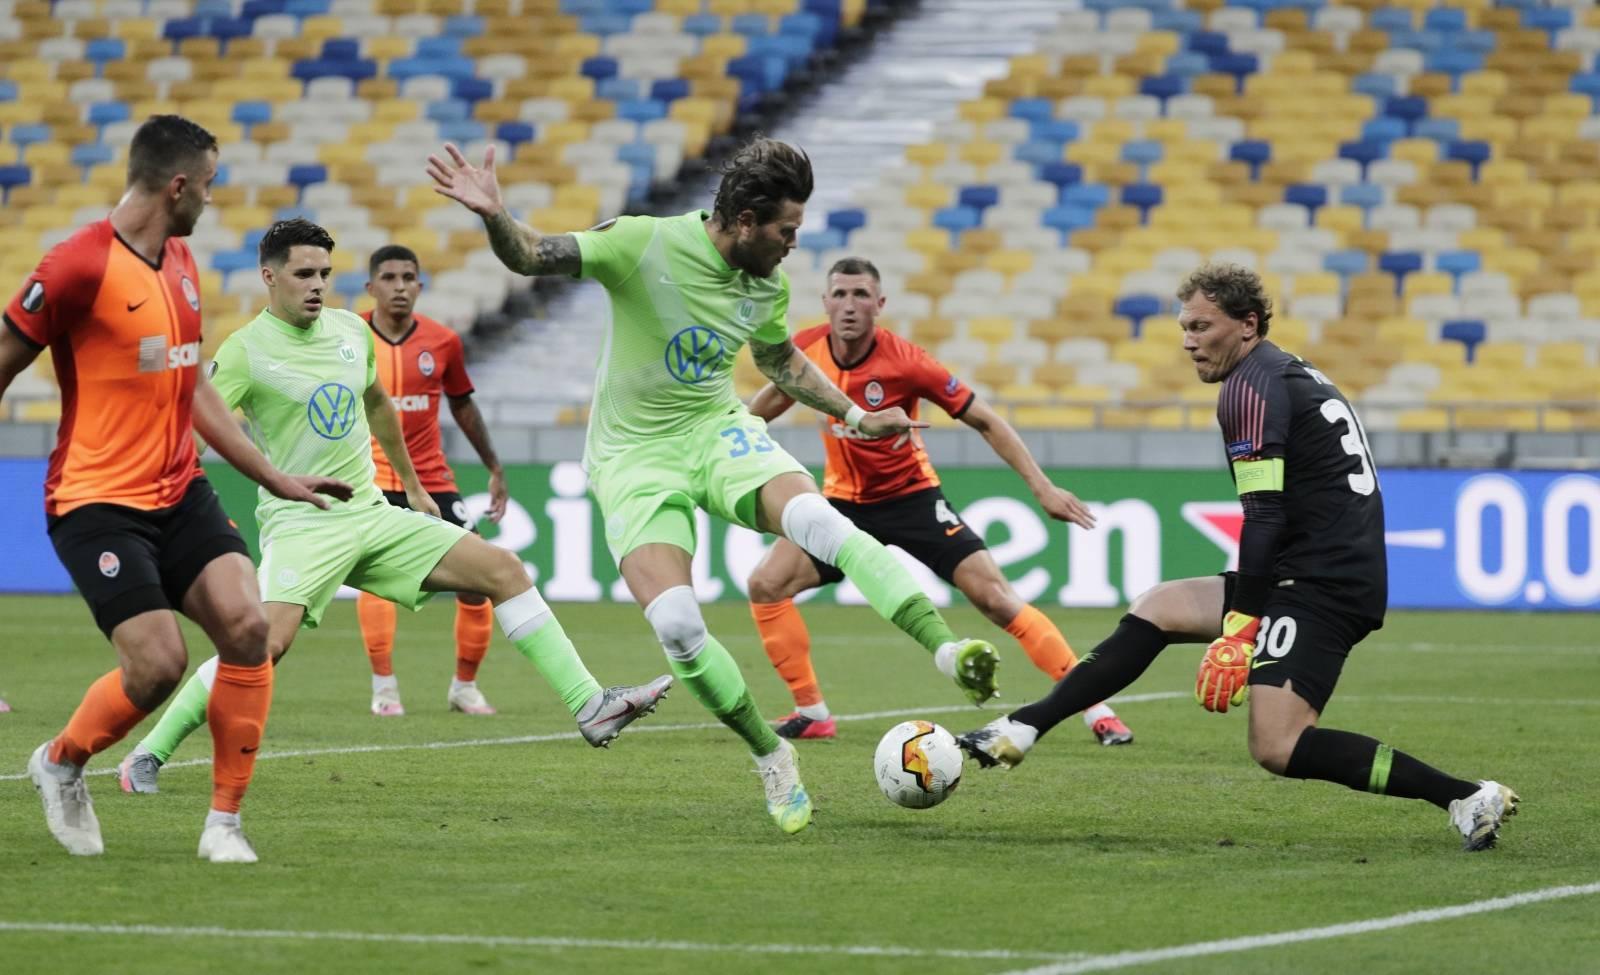 Europa League - Round of 16 Second Leg - Shakhtar Donetsk v VfL Wolfsburg